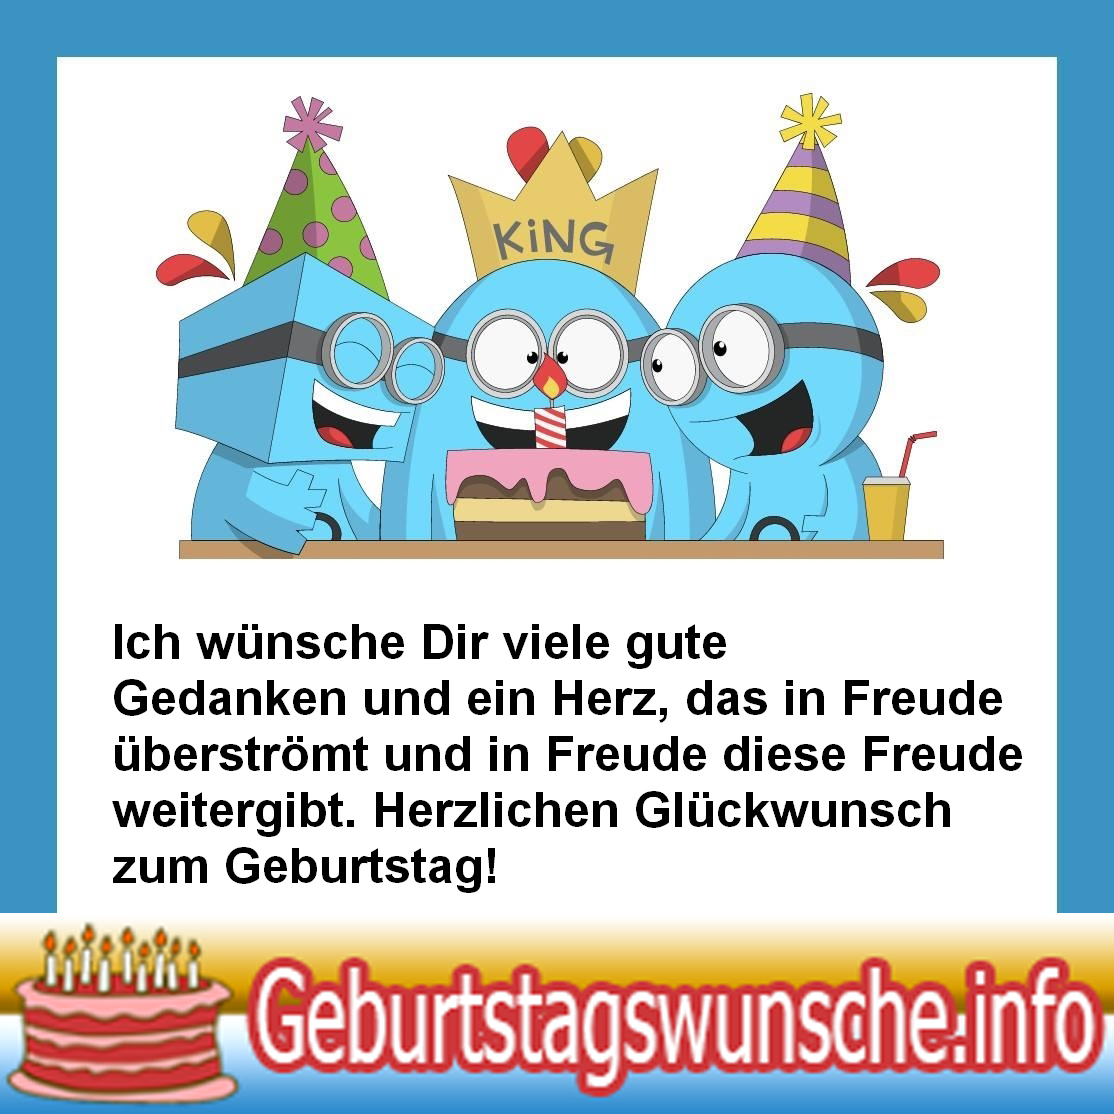 Exceptionnel Geburtstag Nachrichten Sms